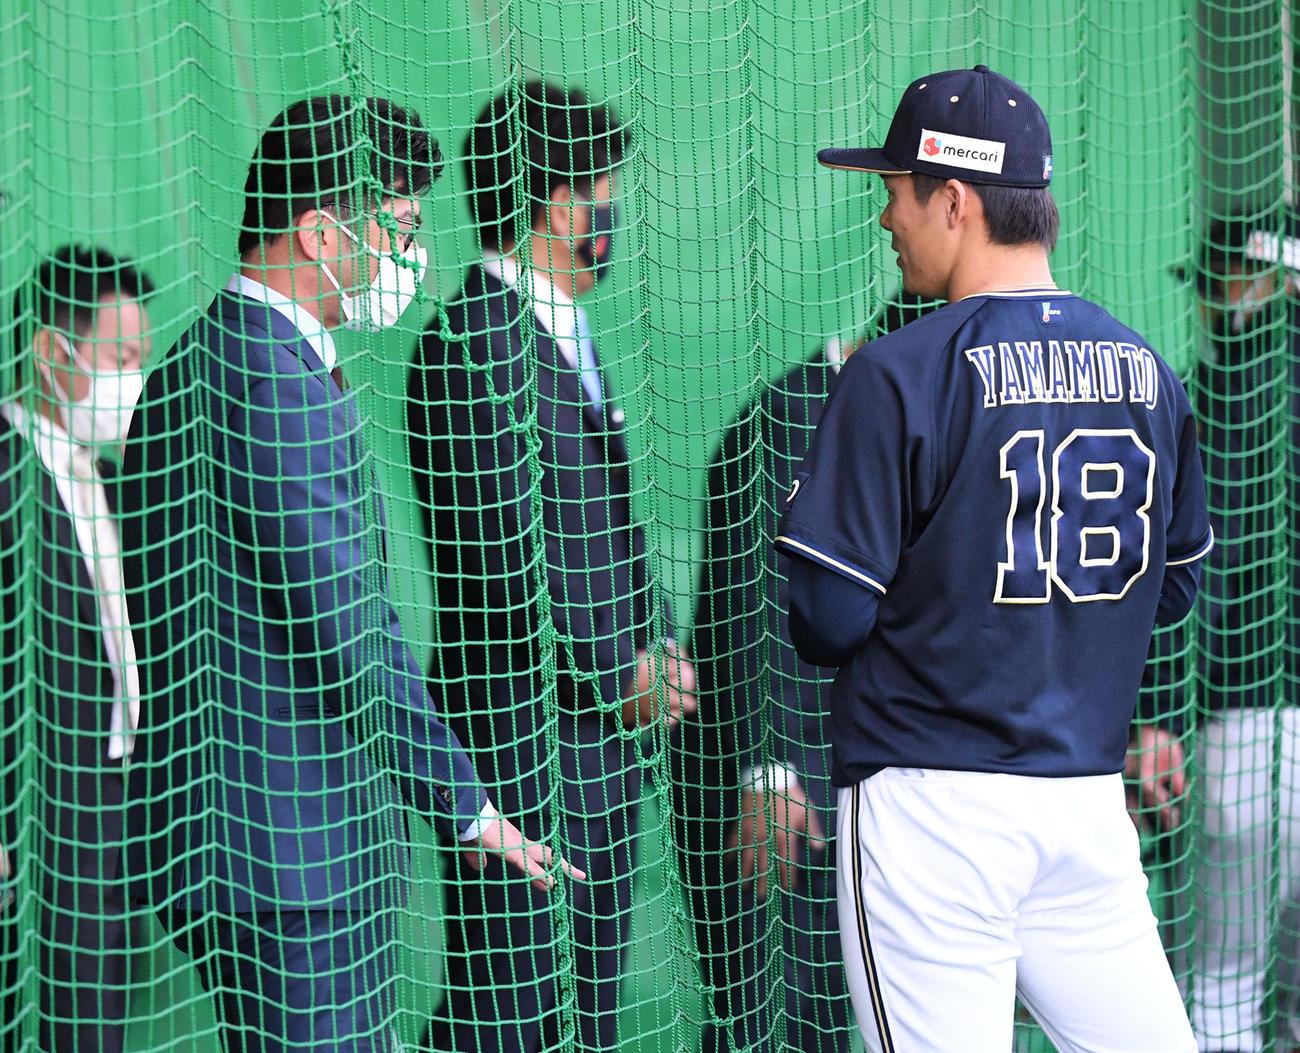 ブルペンで投球練習を終えたオリックス山本(右)は侍ジャパン建山コーチと話す。中央は稲葉監督(撮影・前岡正明)